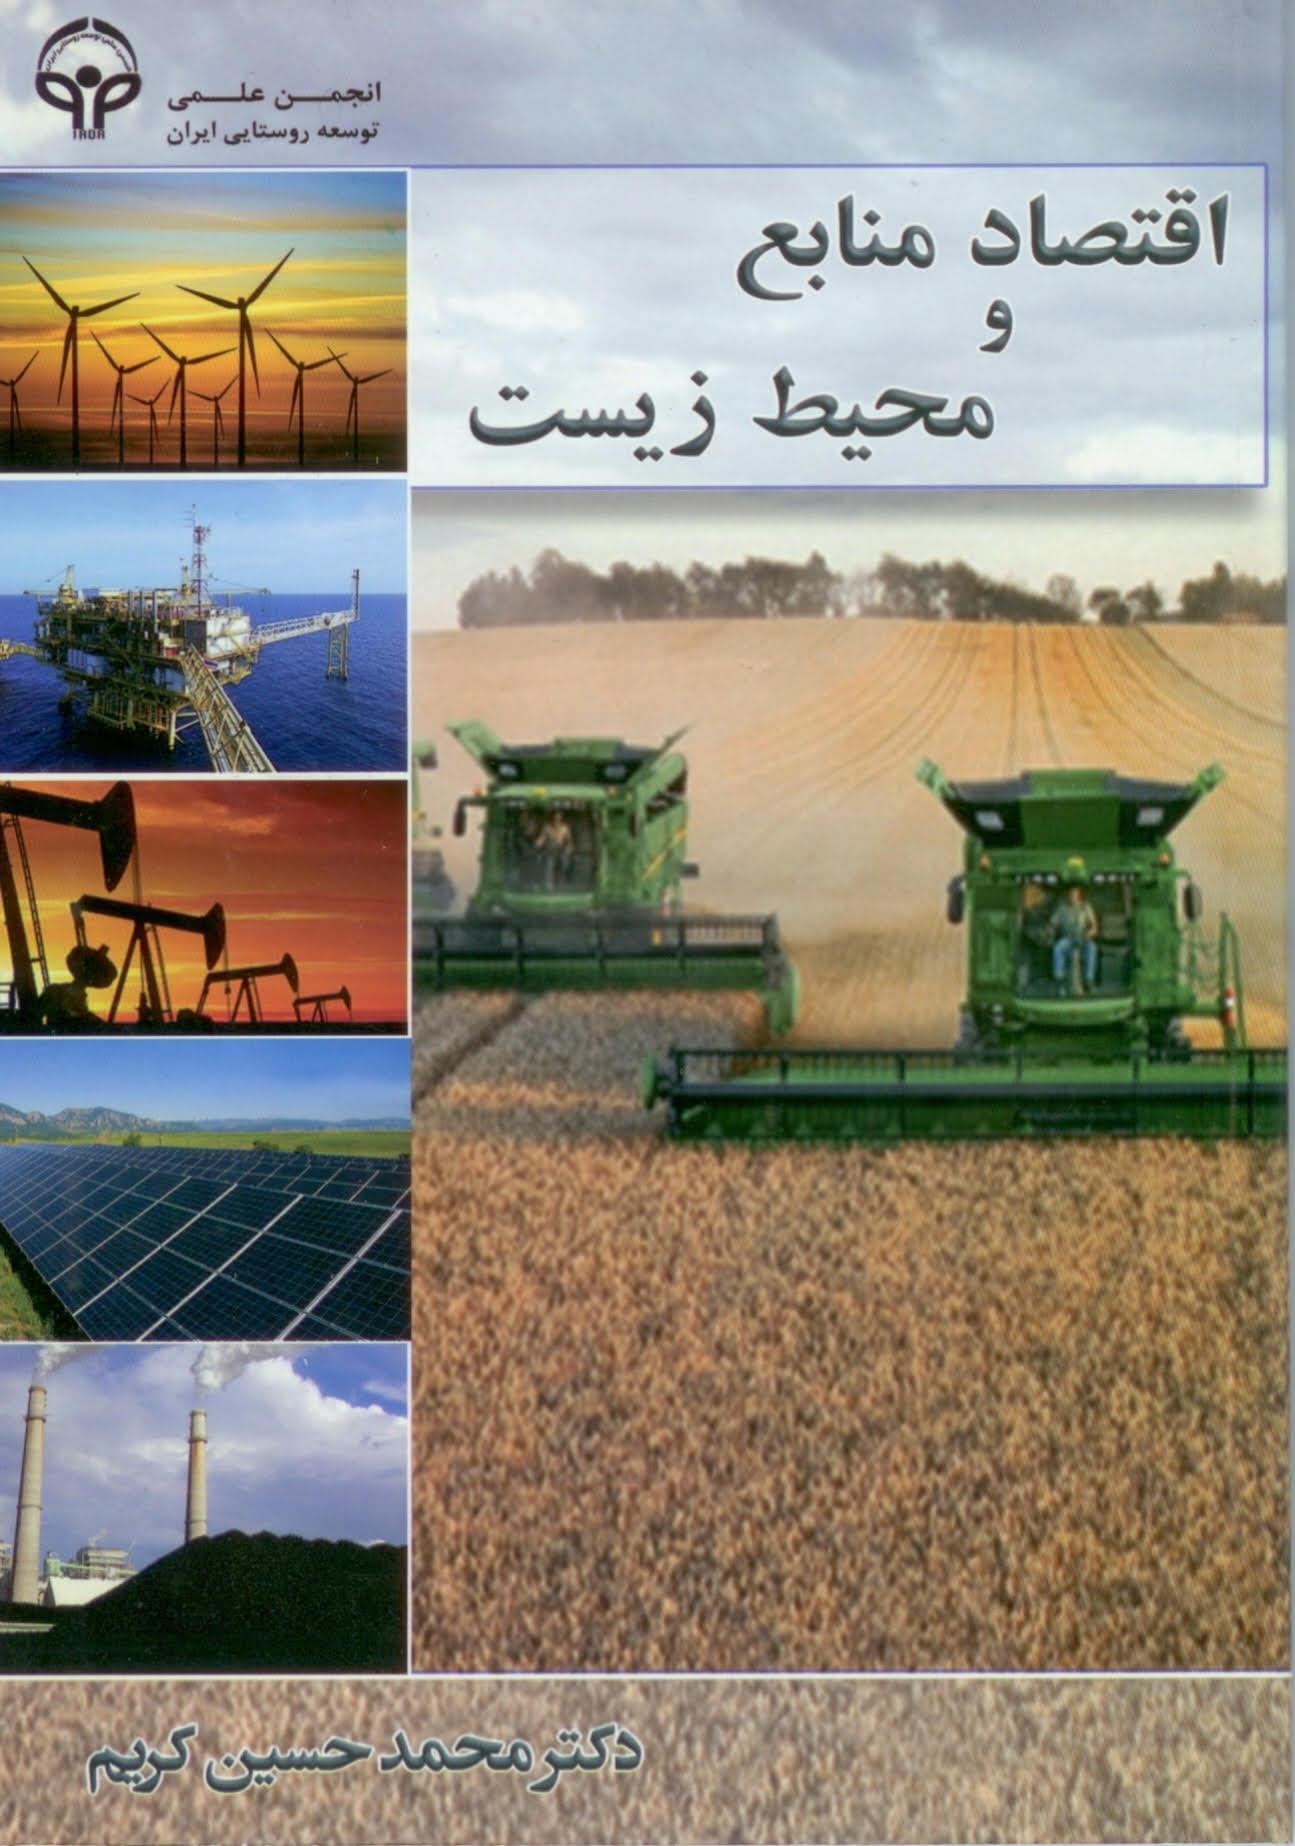 اقتصاد منابع و محیط زیست